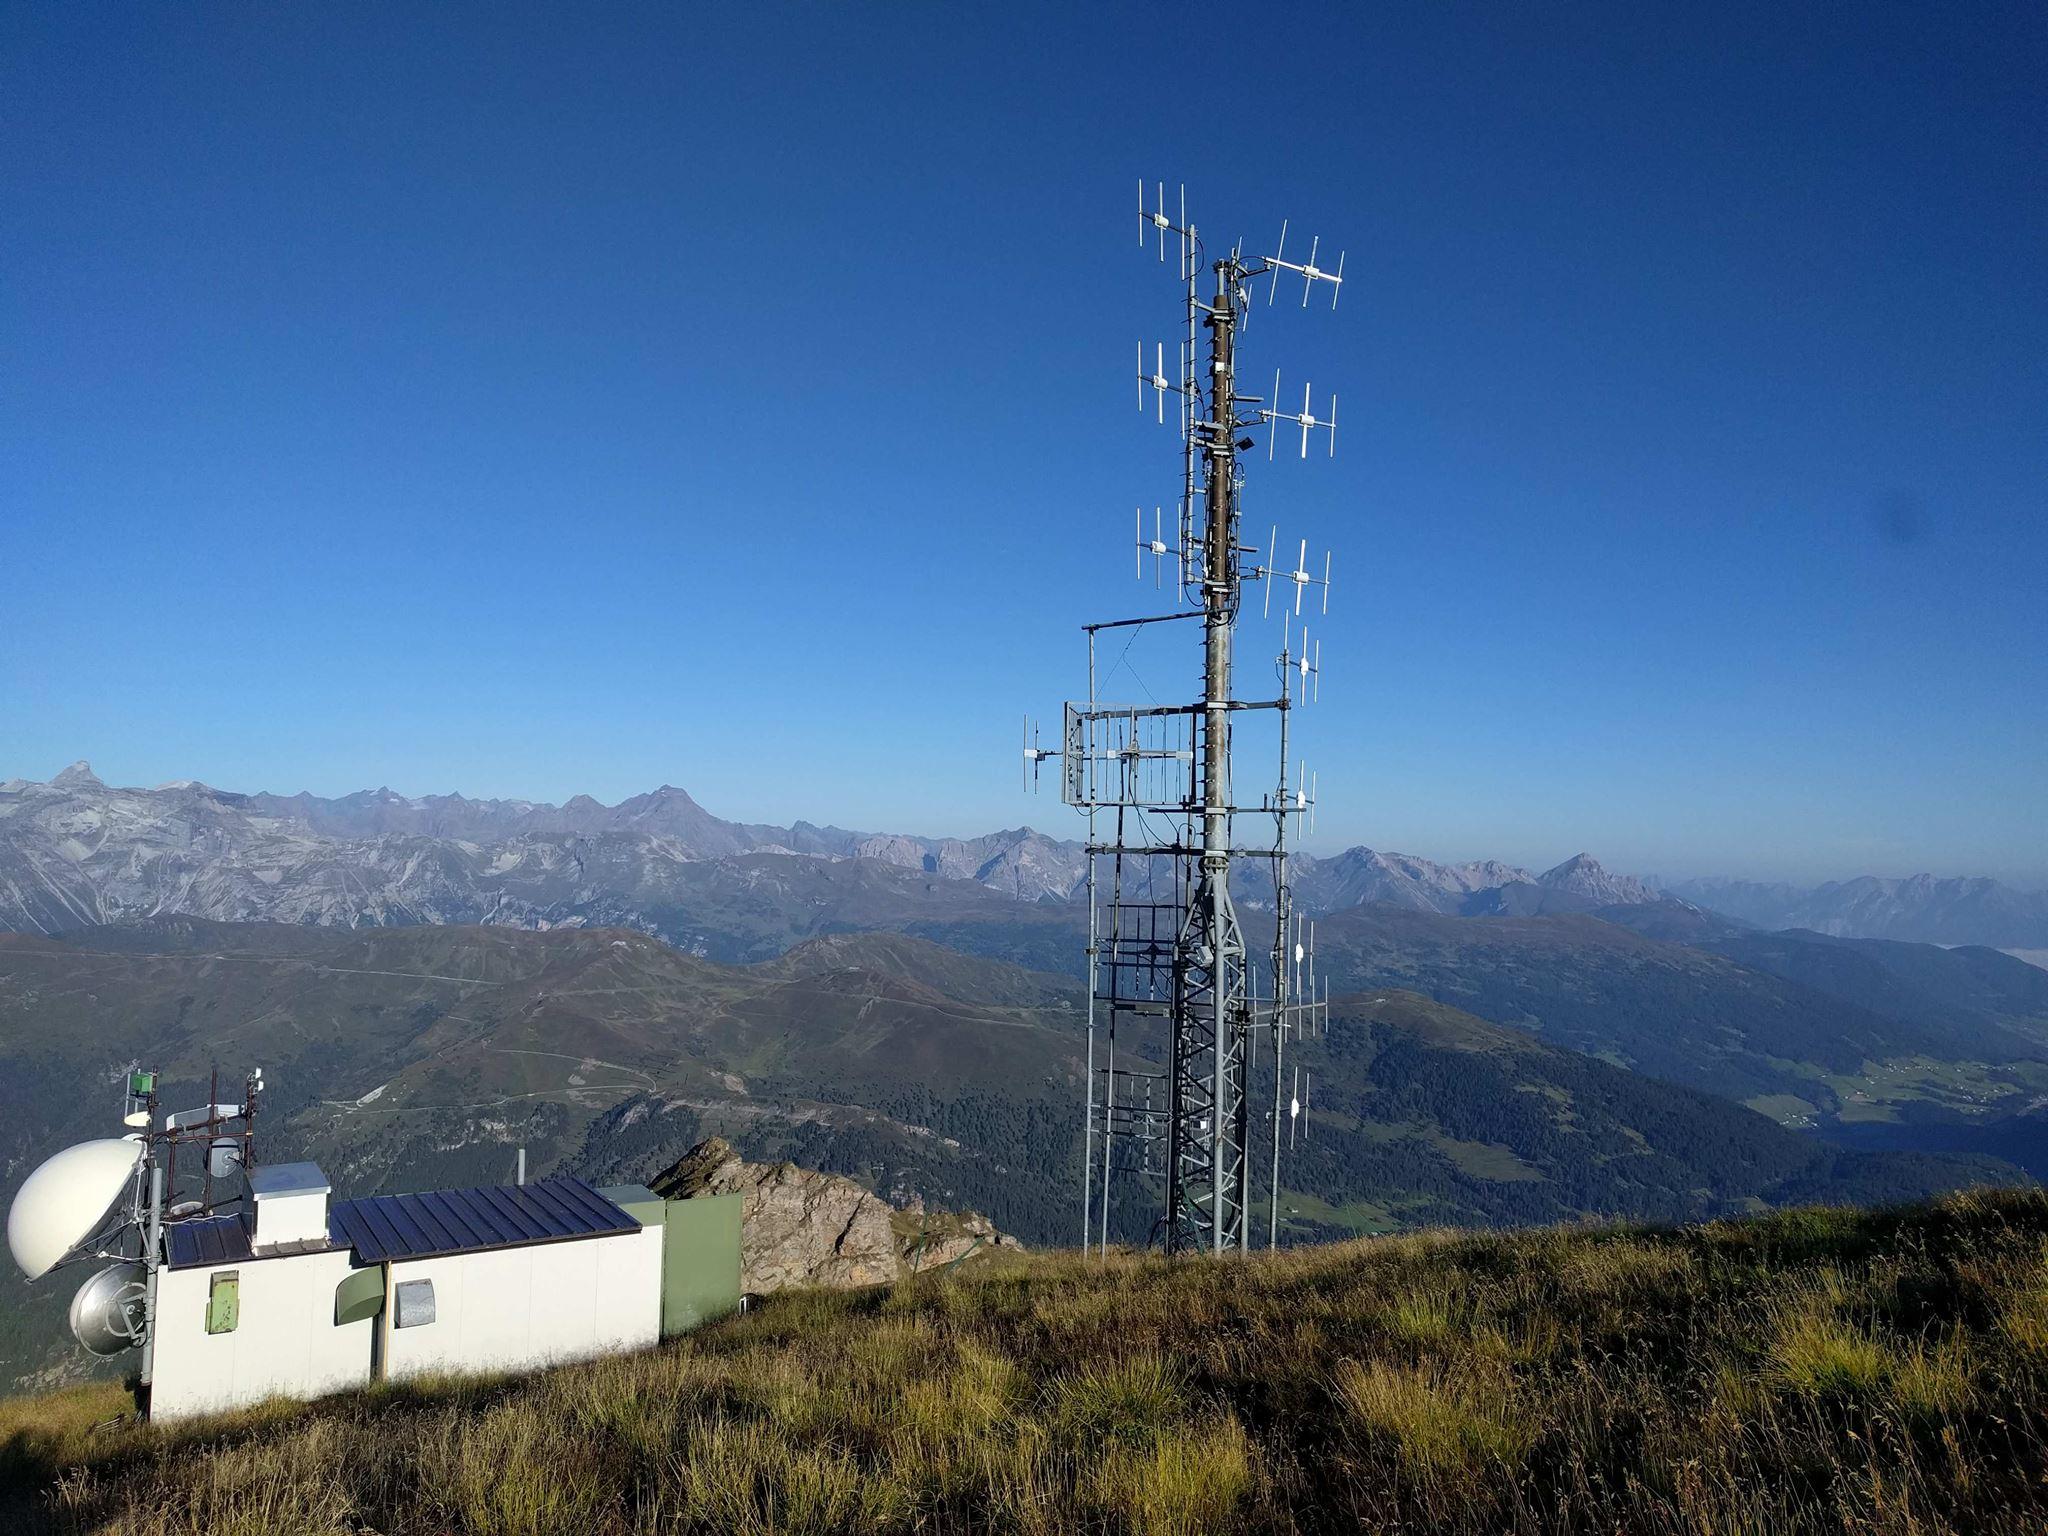 antenne Schwarzenstein 1 - Storia della Radiotelevisione Italiana. Radio Isarco International: un piede in Italia, l'altro in Austria